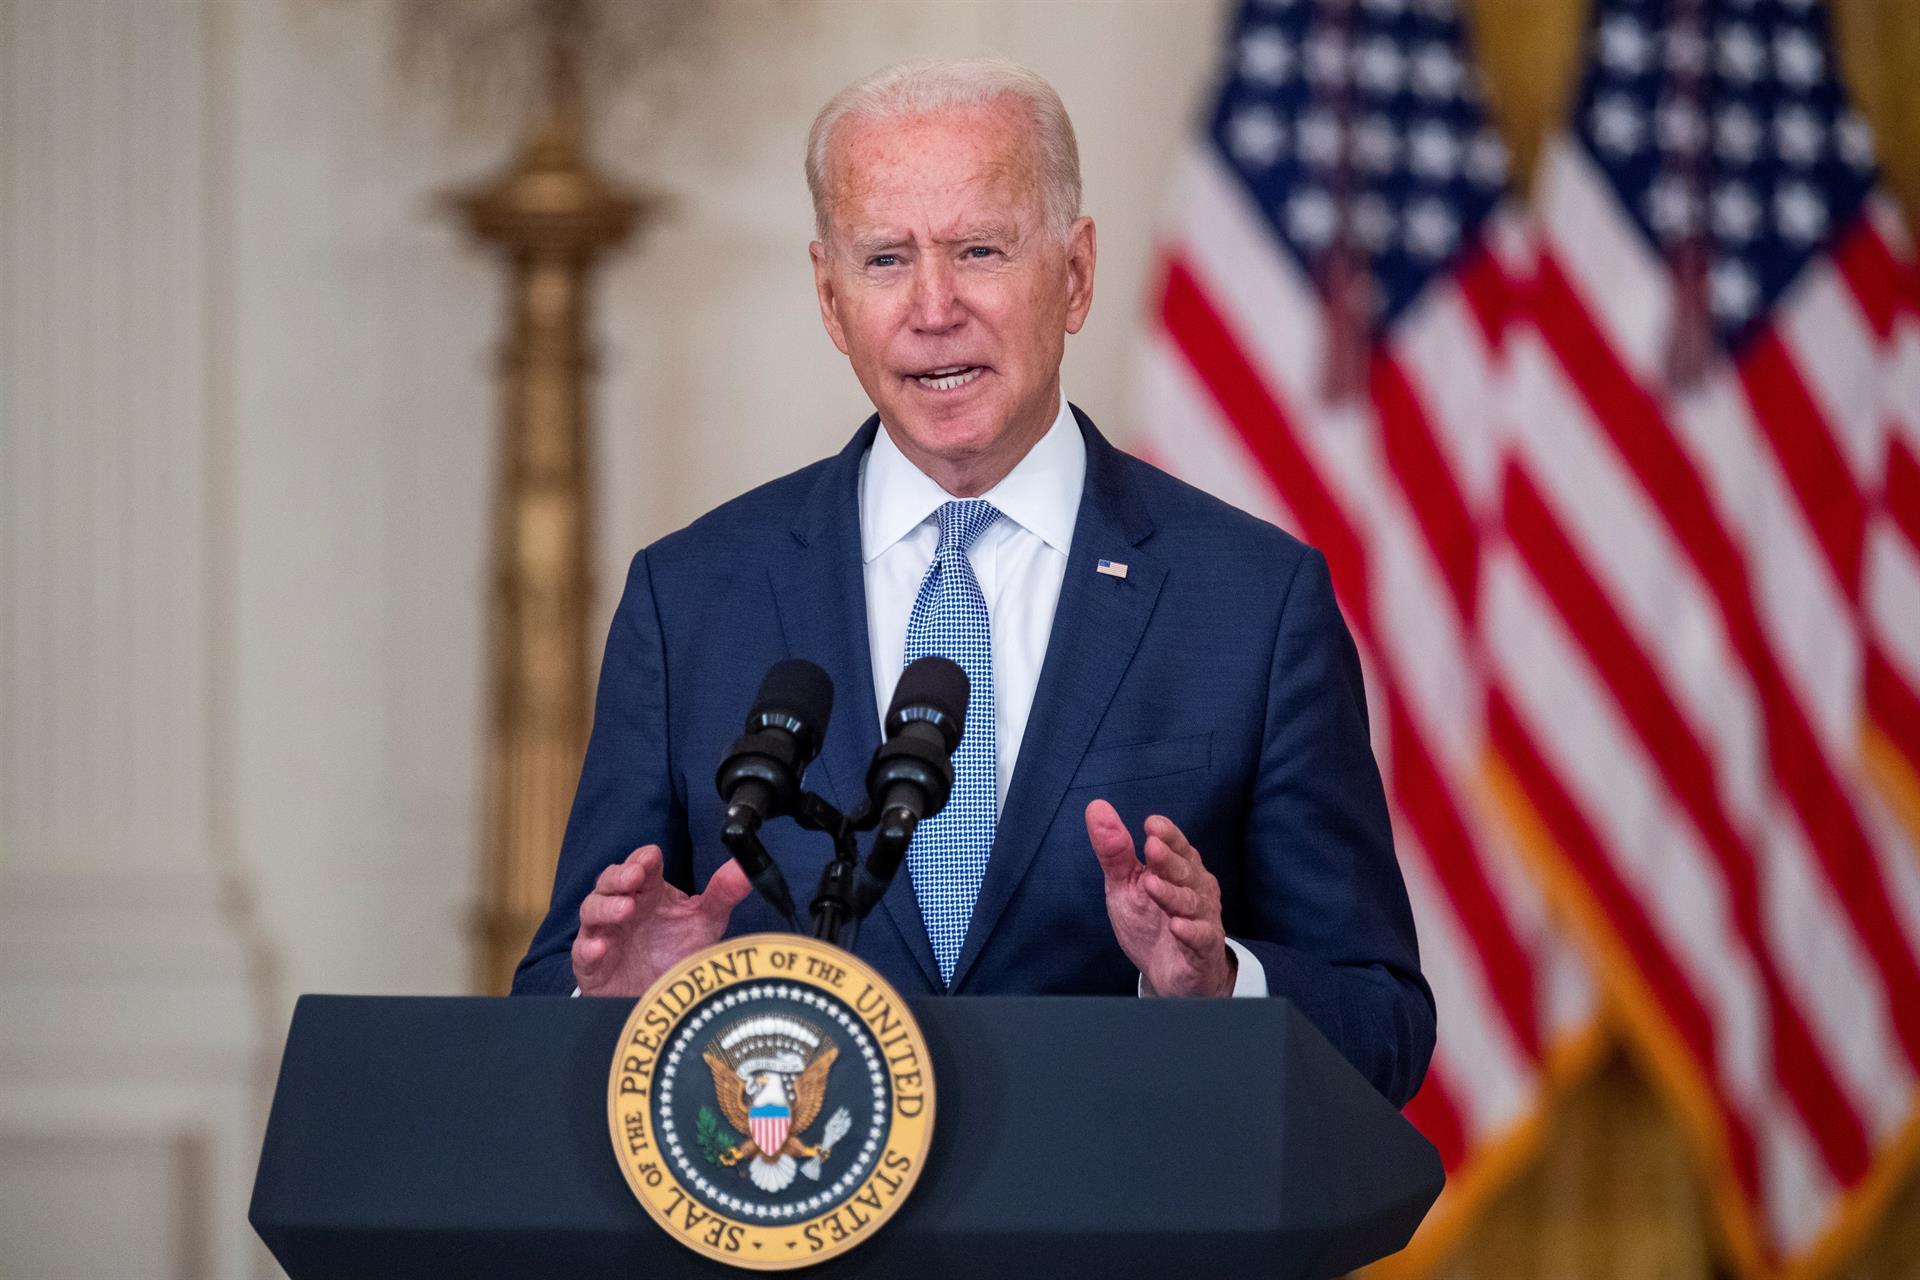 Joe Biden falando em microfone diante de bandeiras dos Estados Unidos